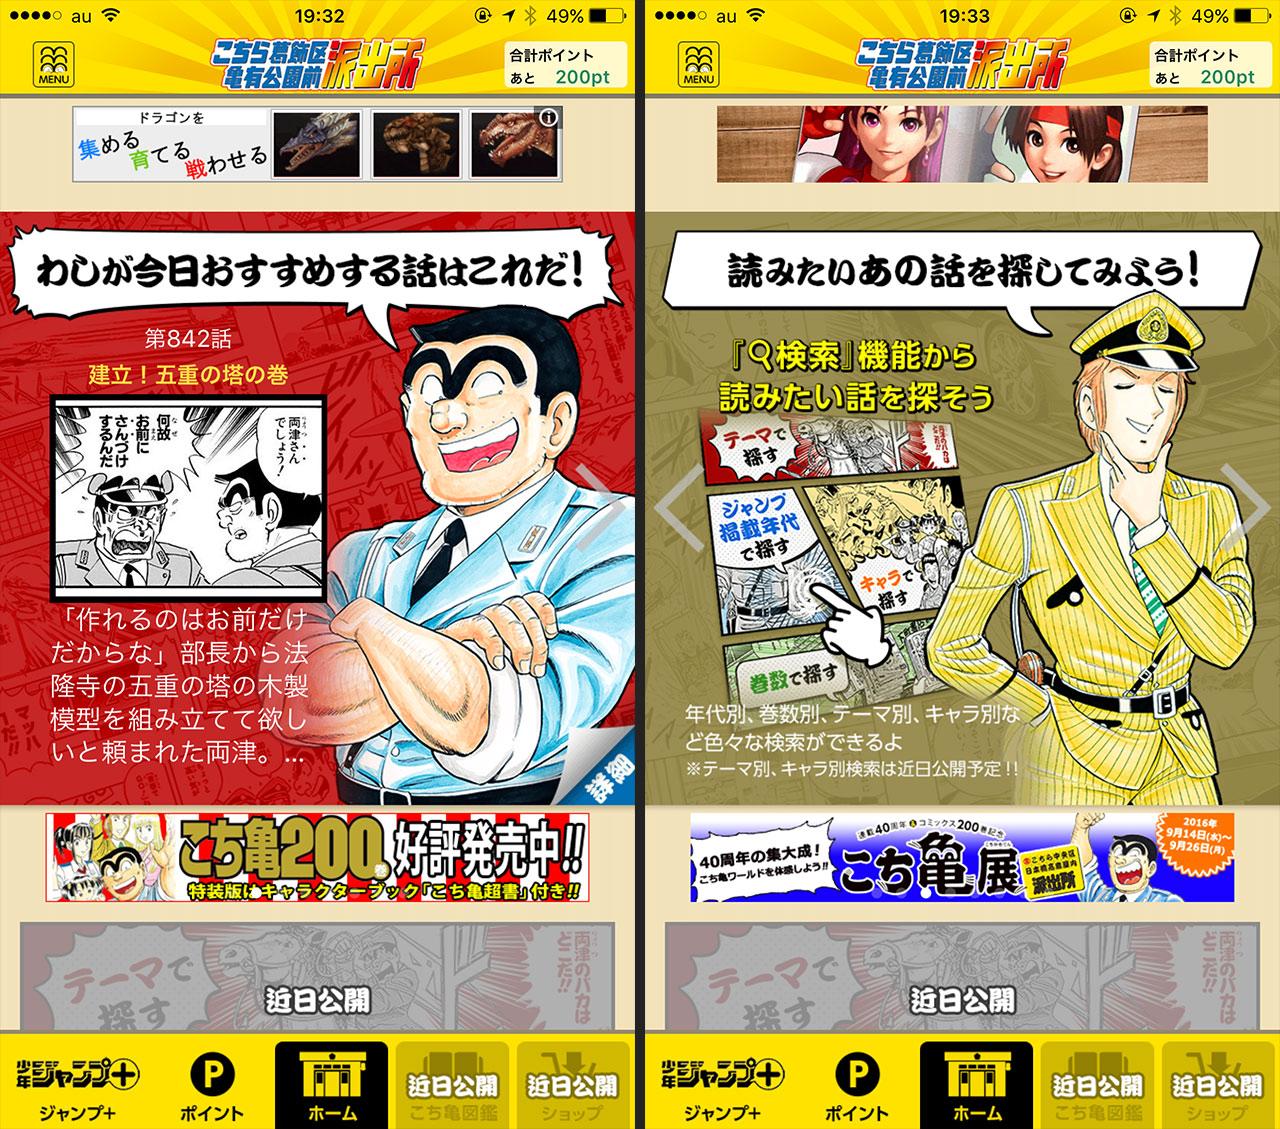 kochikame-app-01